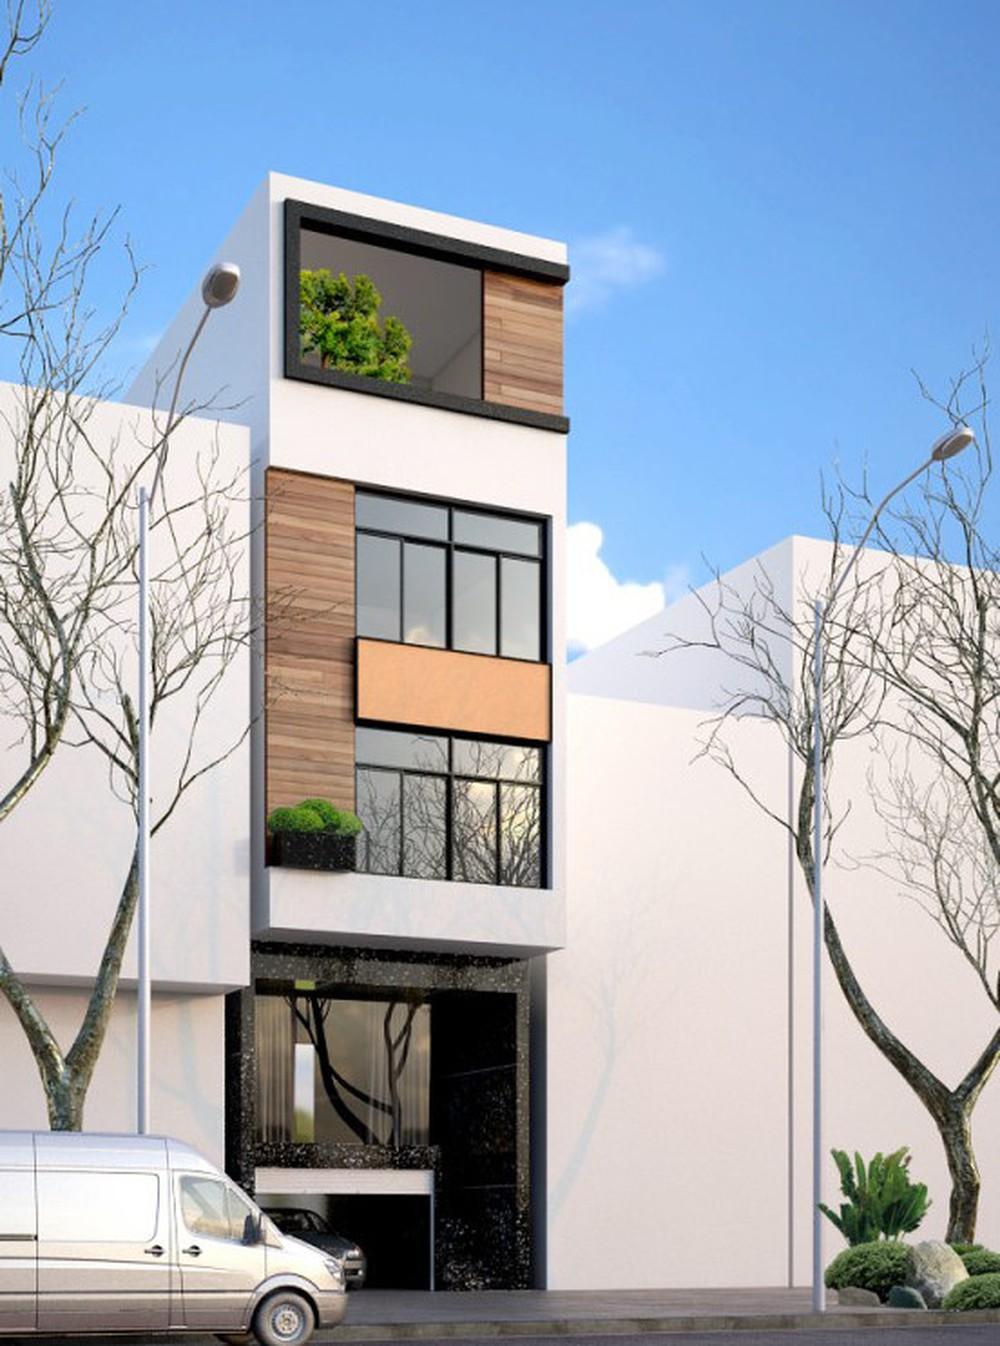 Thông thường, biệt thự 3 tầng có tầng hầm là thiết kế xây dựng nhà khá lý tưởng